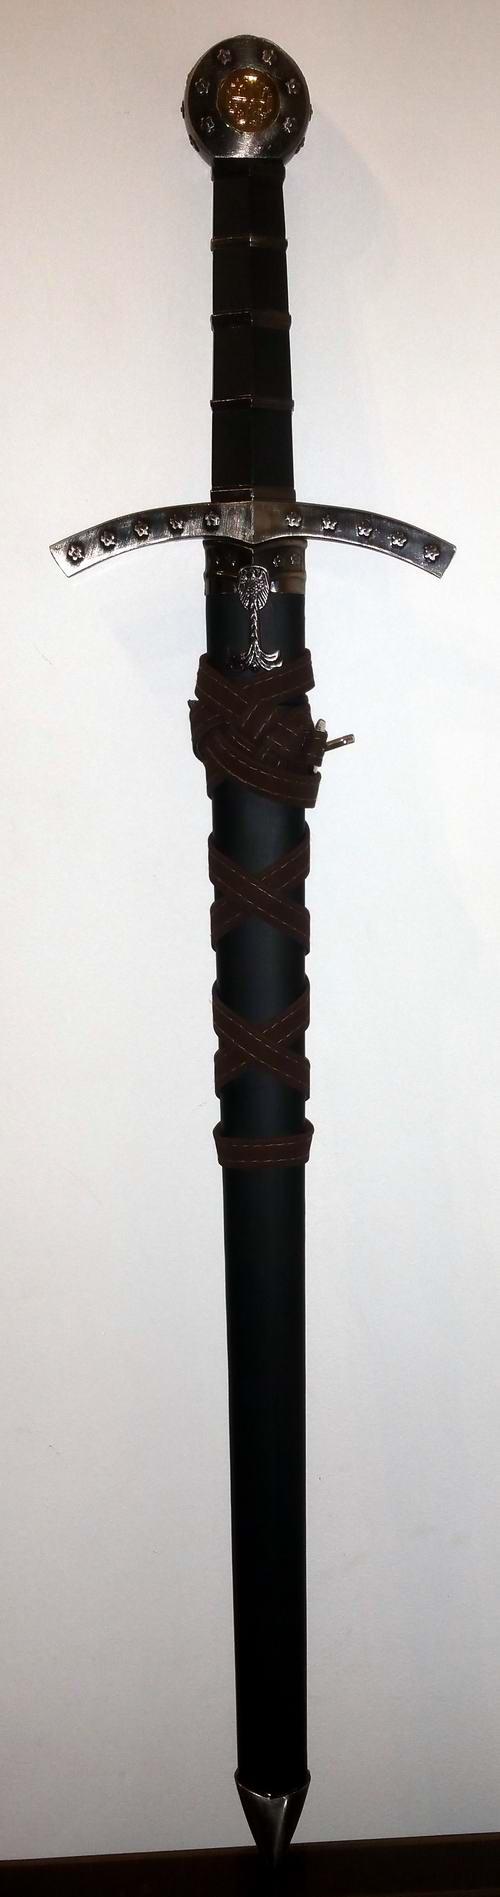 Épée courte moyen age Templiers croisade